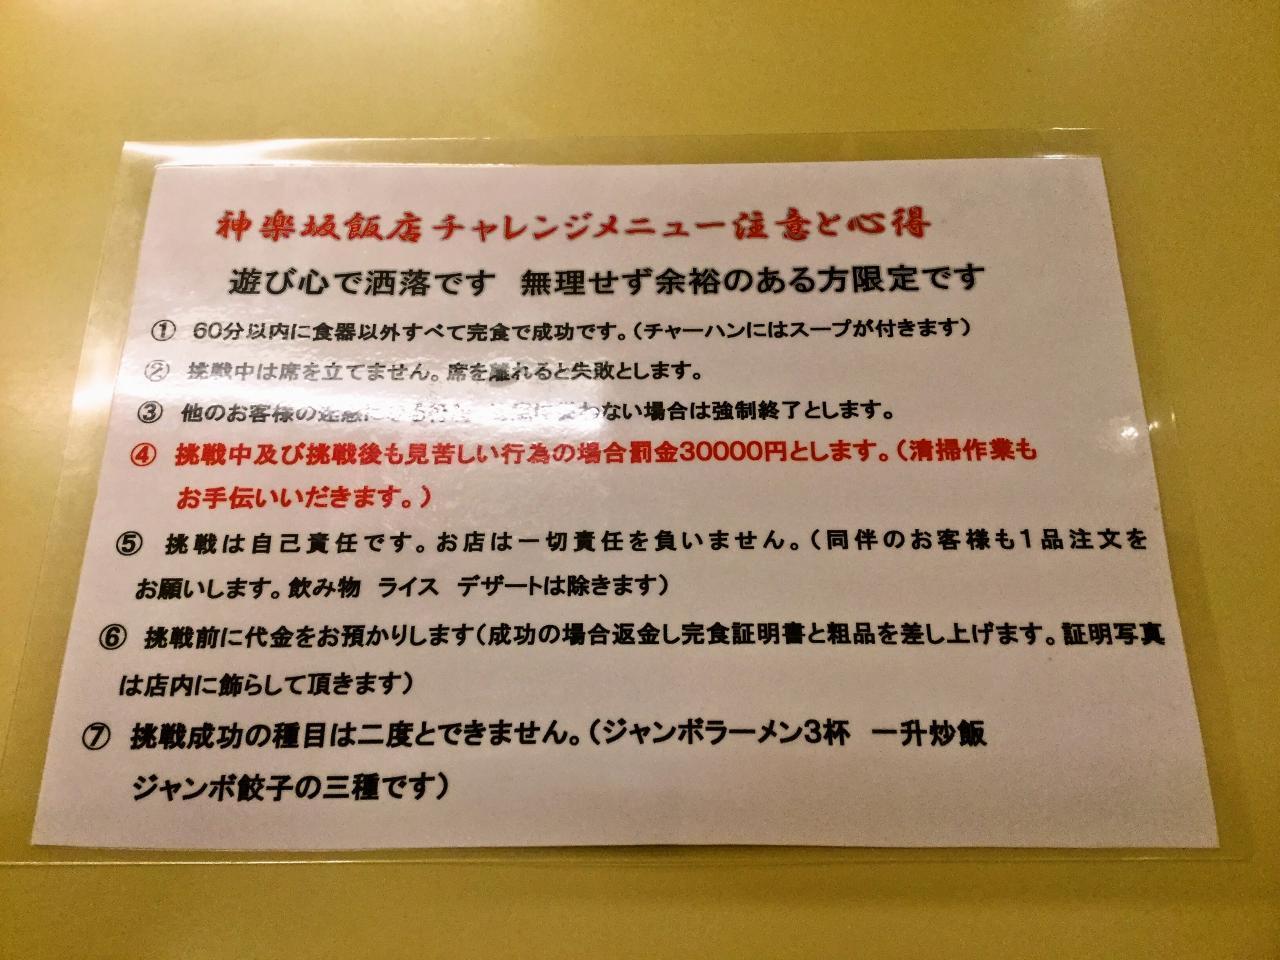 神楽坂飯店(チャレンジ)